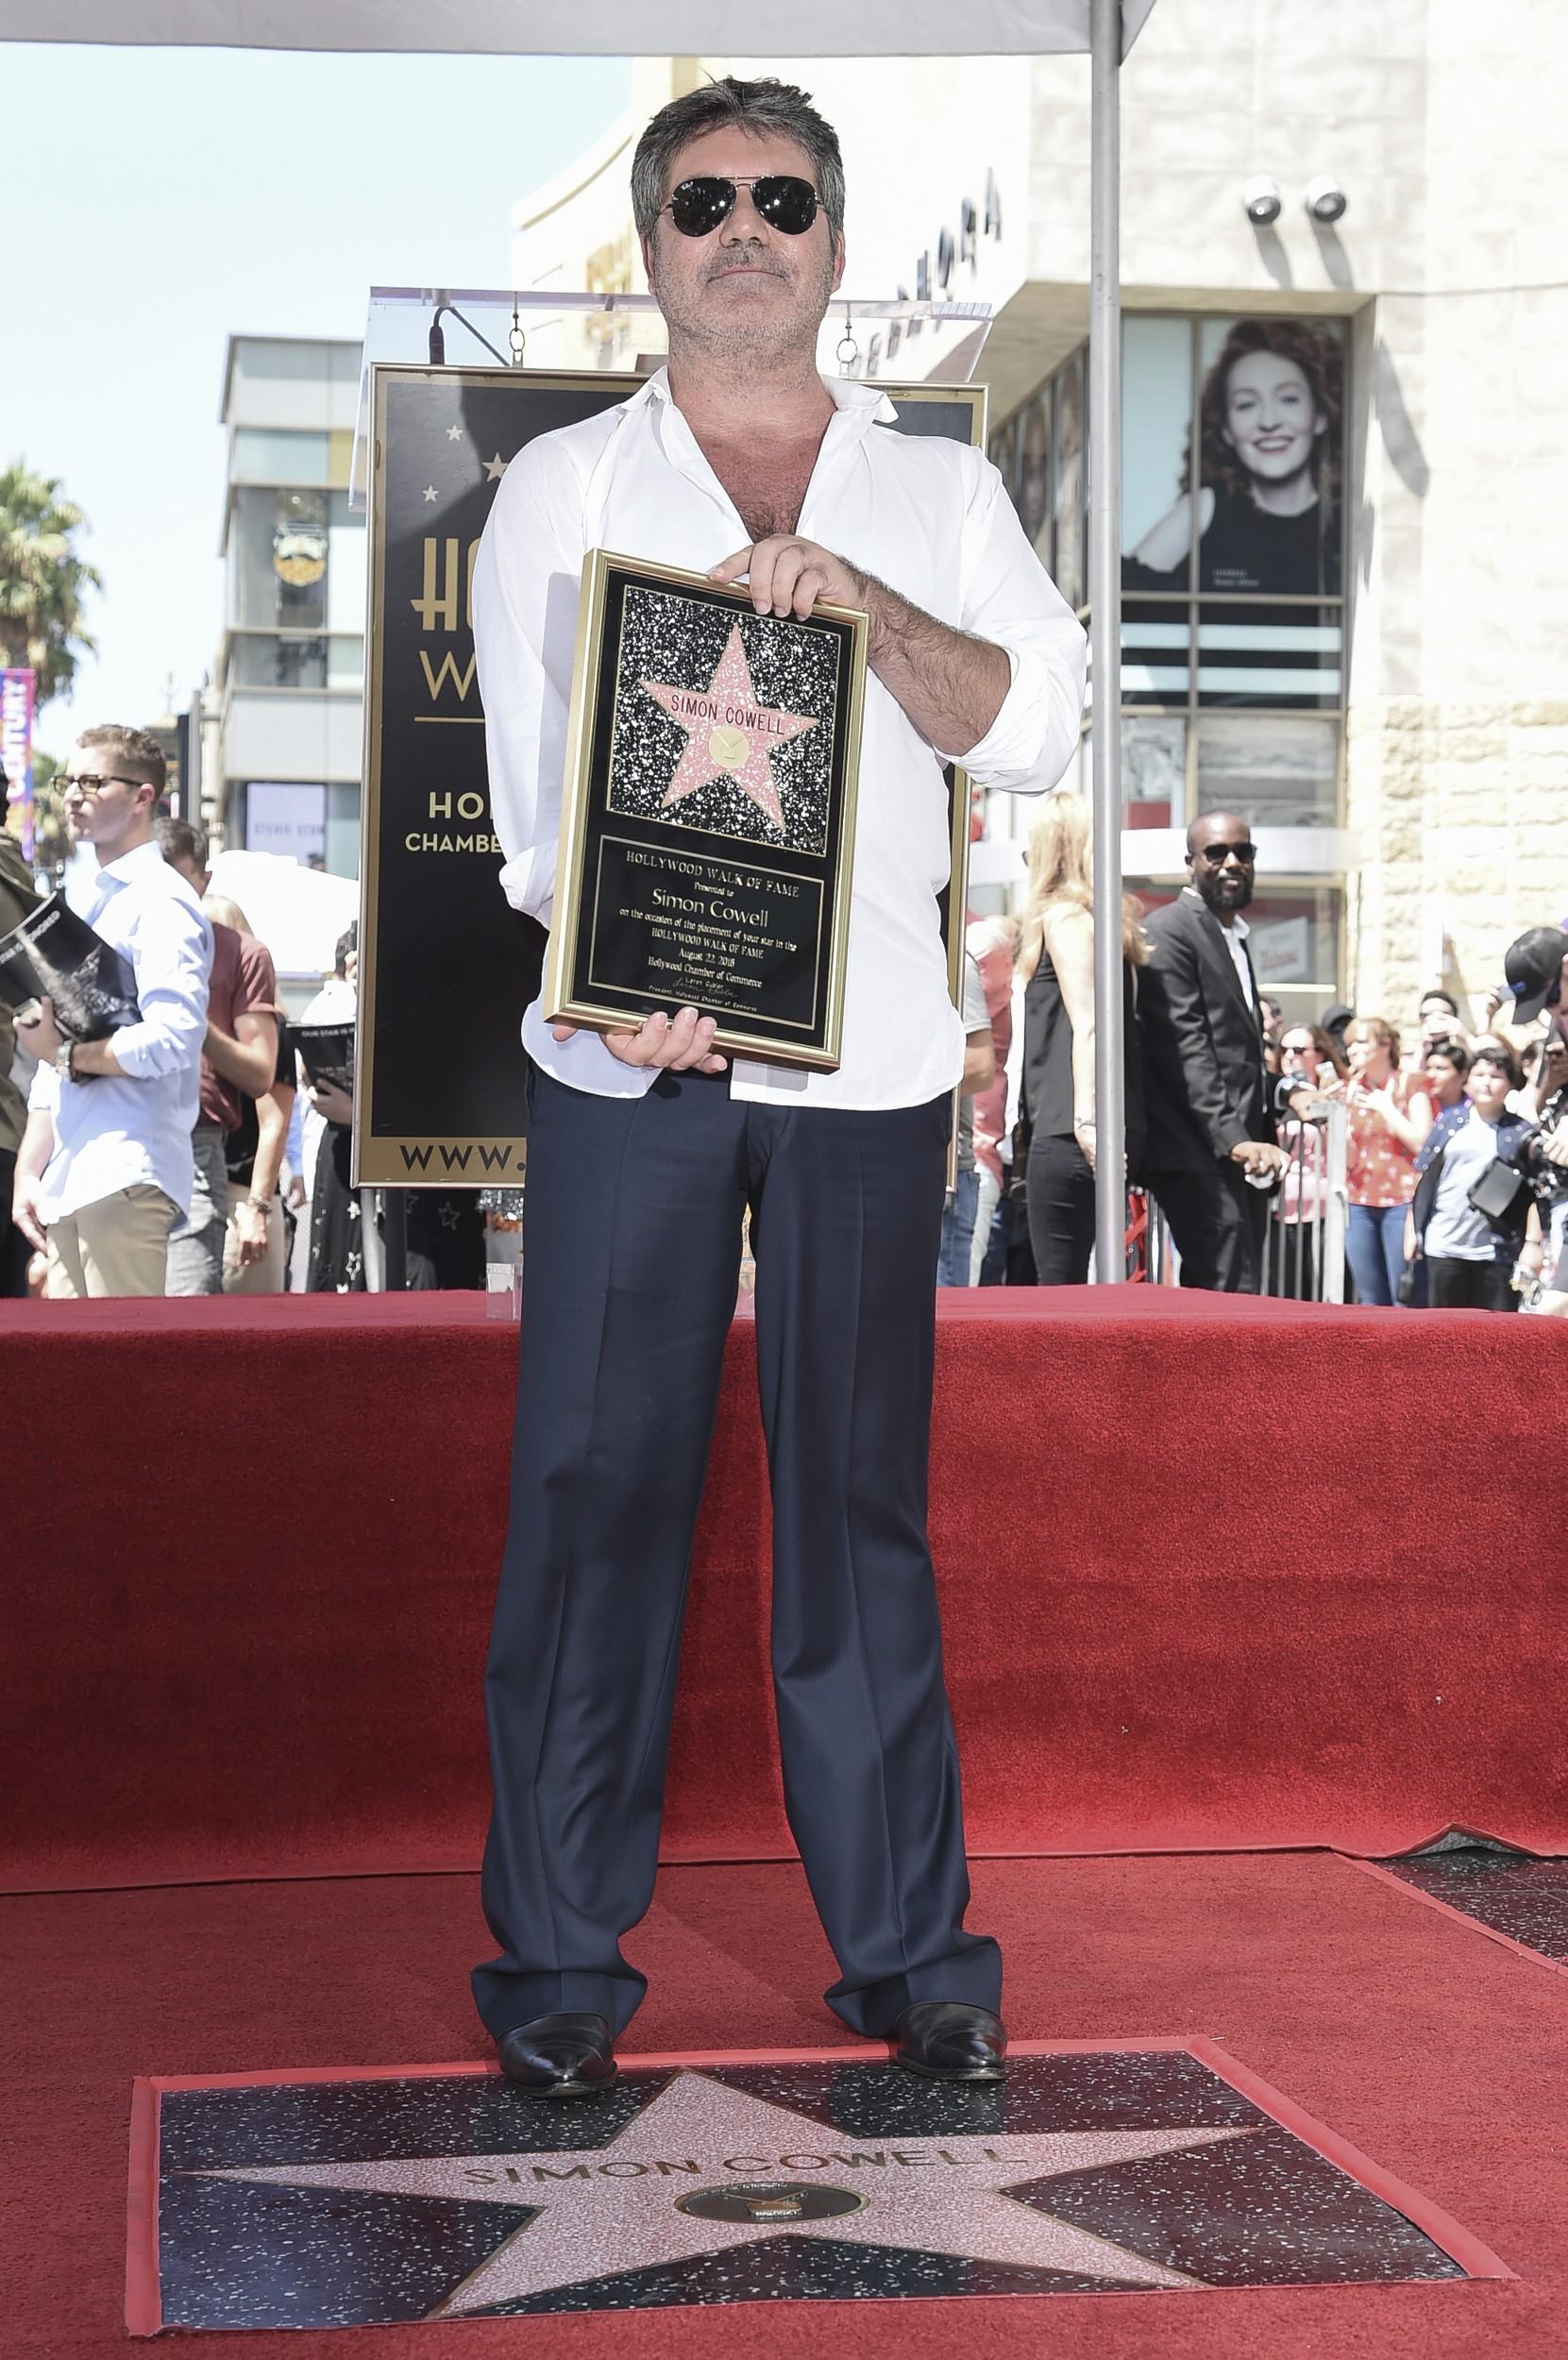 Simon Cowell, produtor e jurado do 'American Idol' e 'The X Factor', ganha estrela na Calçada da Fama de Hollywood 2